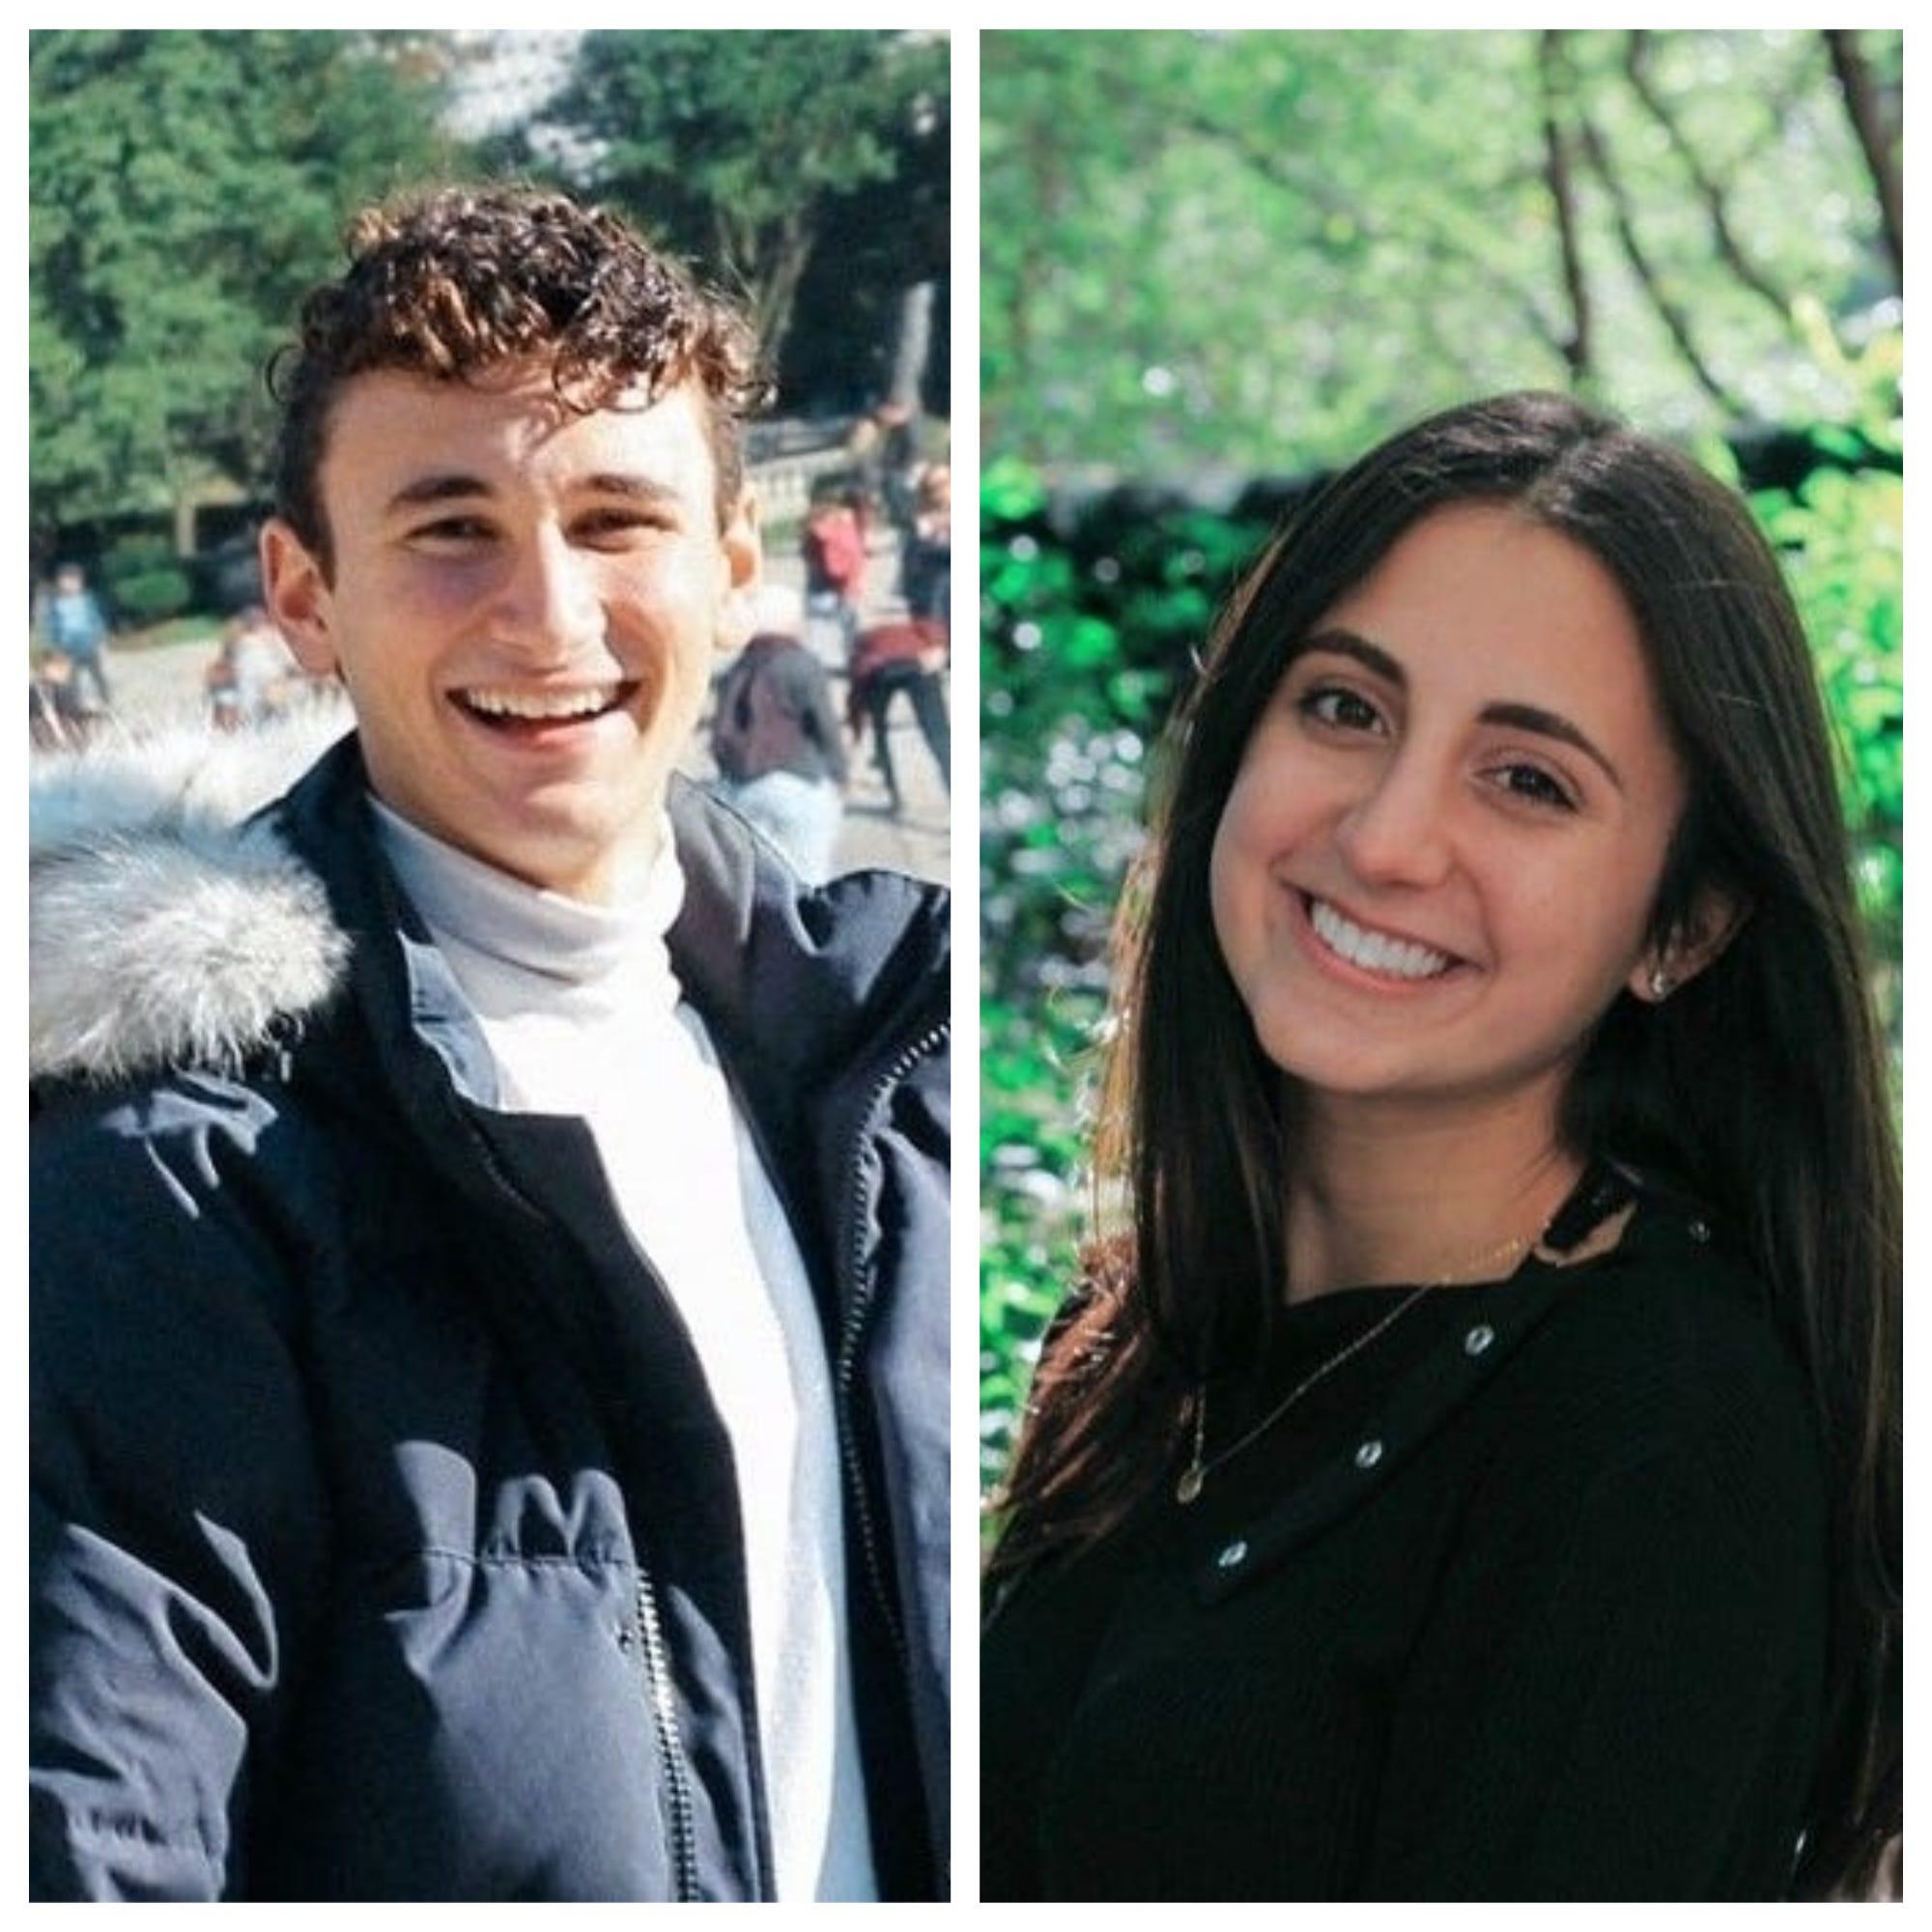 IlanNaibryf and Deborah Berezdivin